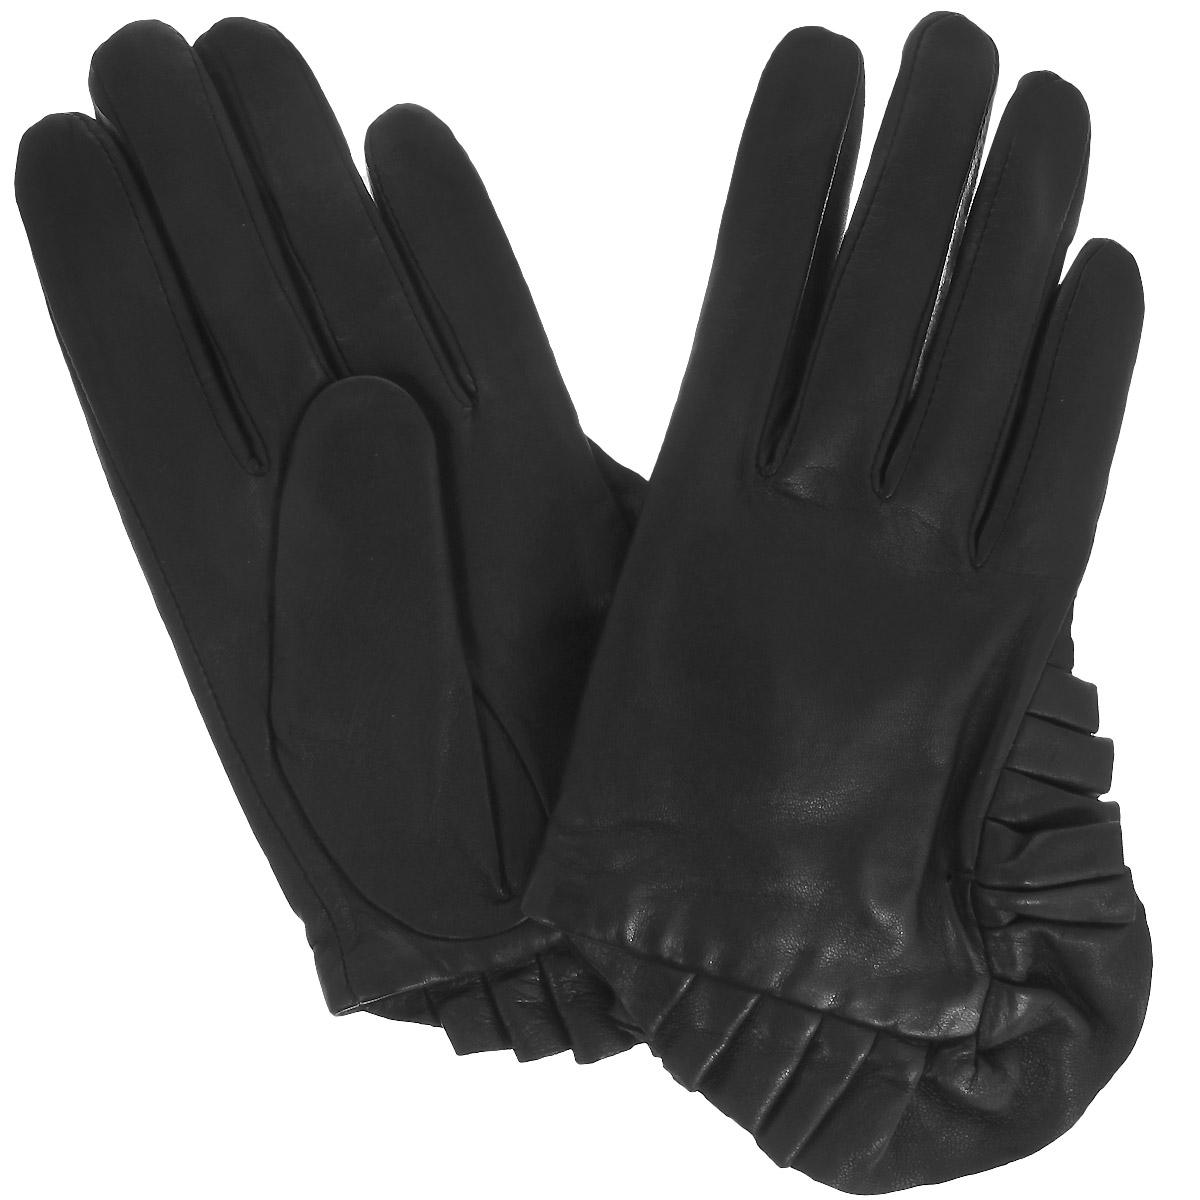 Перчатки женские Dali Exclusive, цвет: черный. 11_PAVIO/BL. Размер 8 перчатки женские eleganzza цвет черный is0424 размер 8